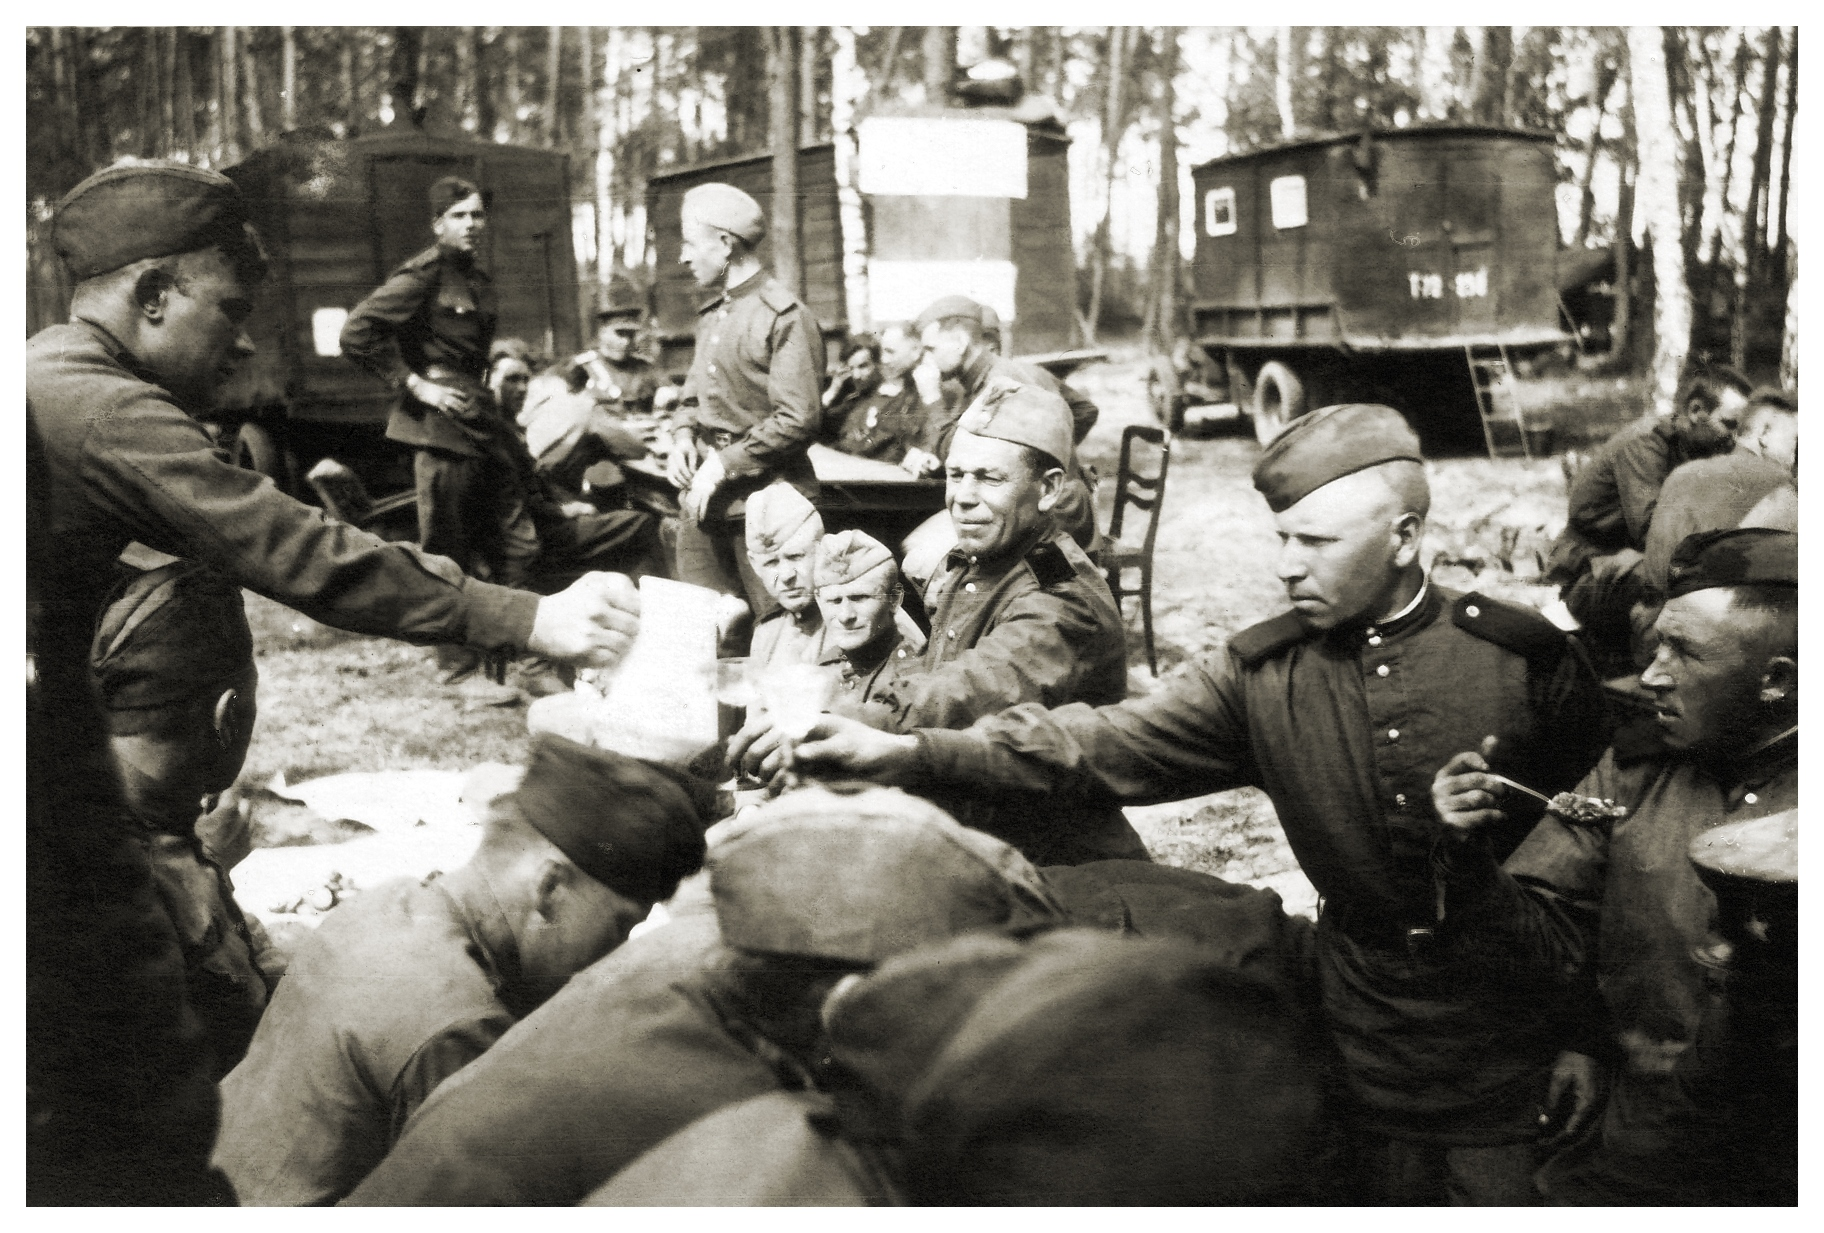 Солдаты празднуют Победу в Германии, май 1945 года